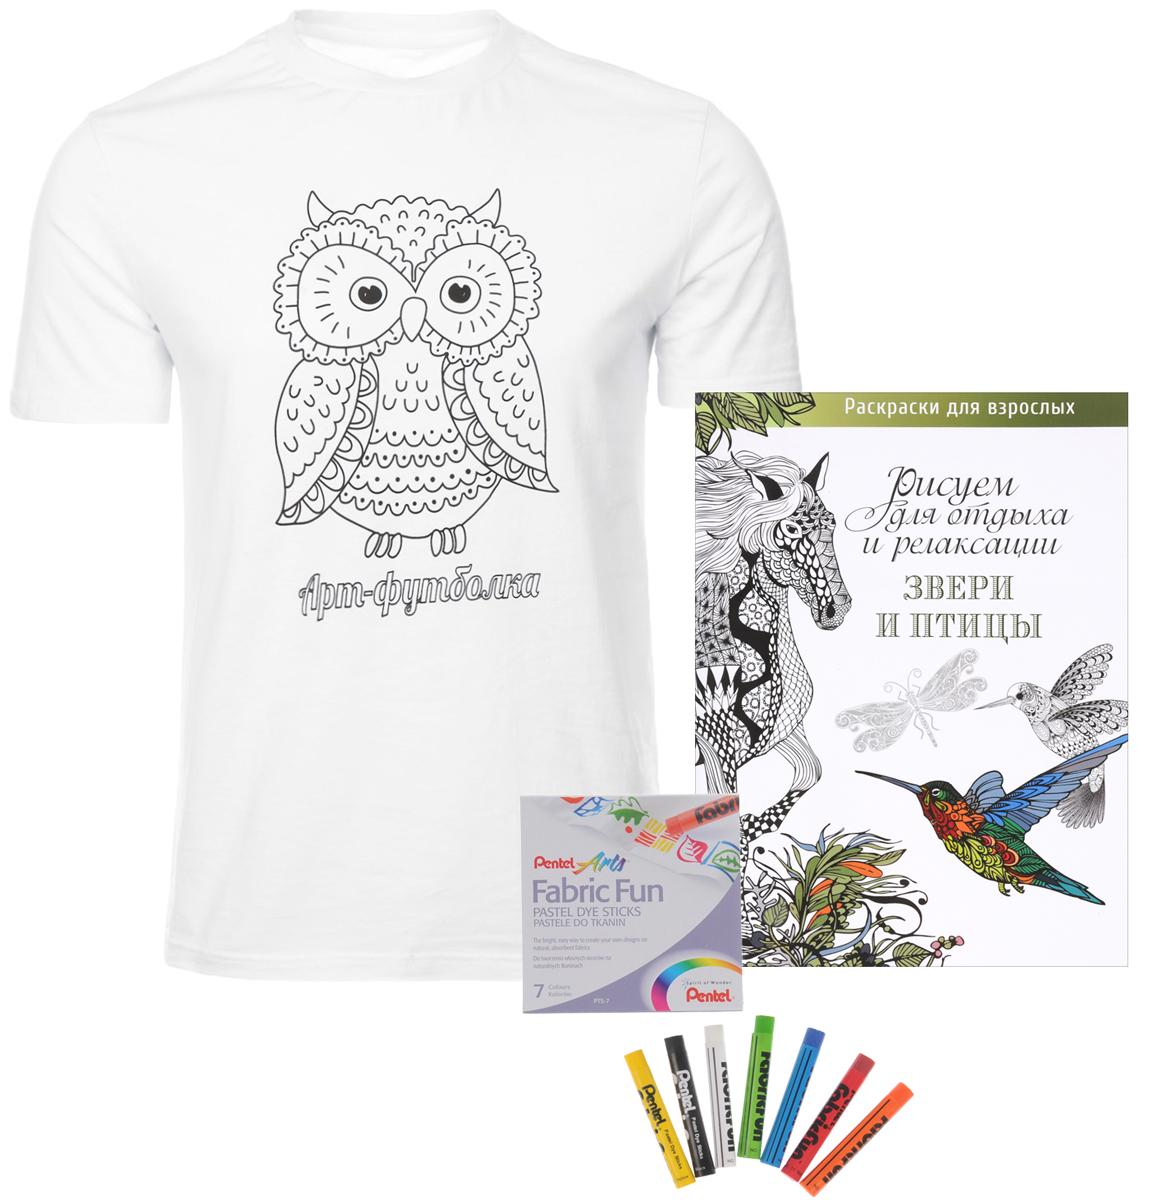 Звери и птицы. Рисуем для отдыха и релаксации (+ мелки + футболка размера M)